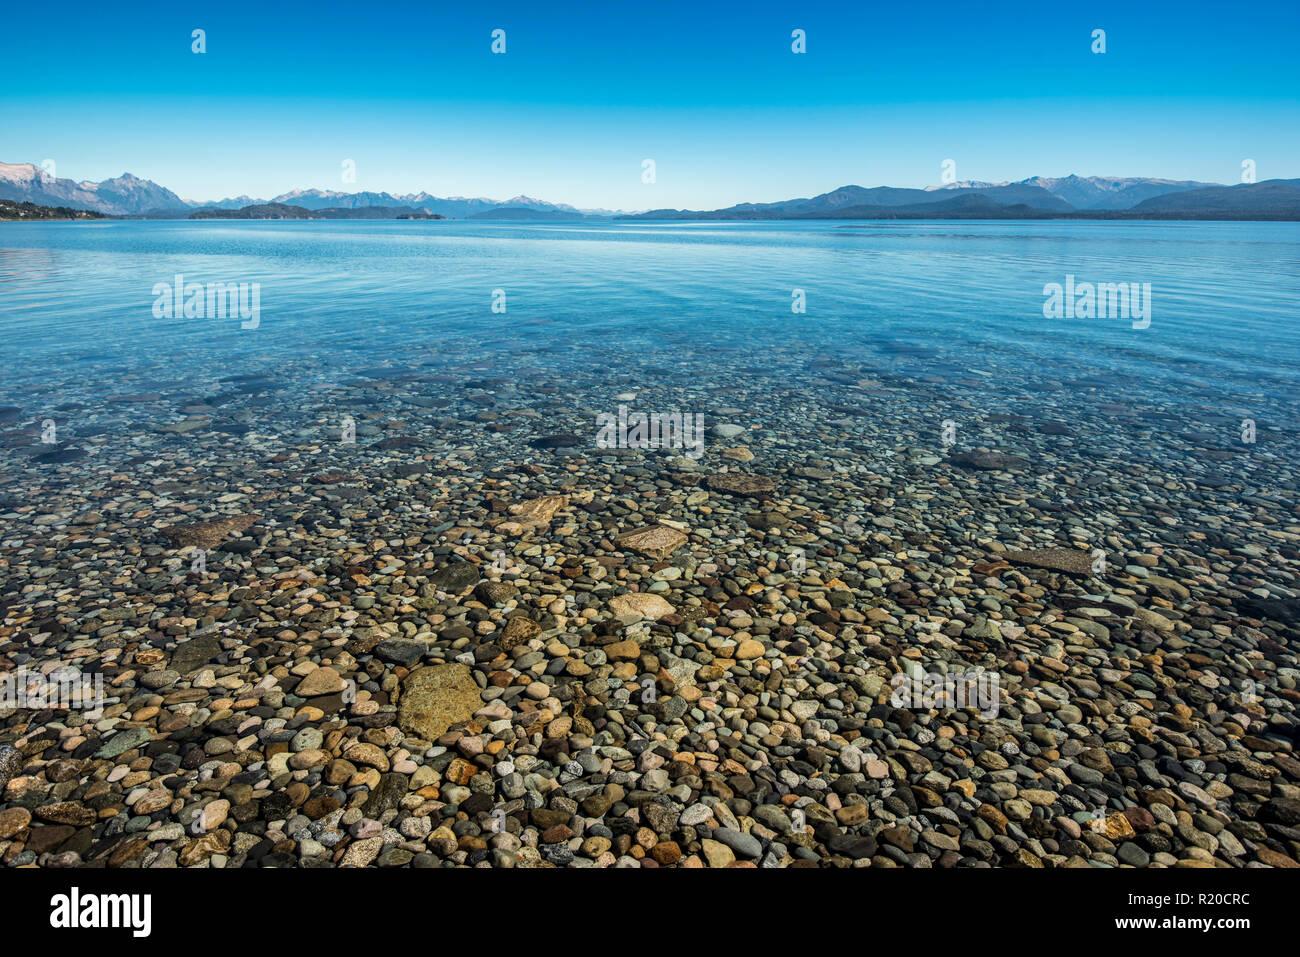 Stones in Lake Nahuel Huapi - Stock Image